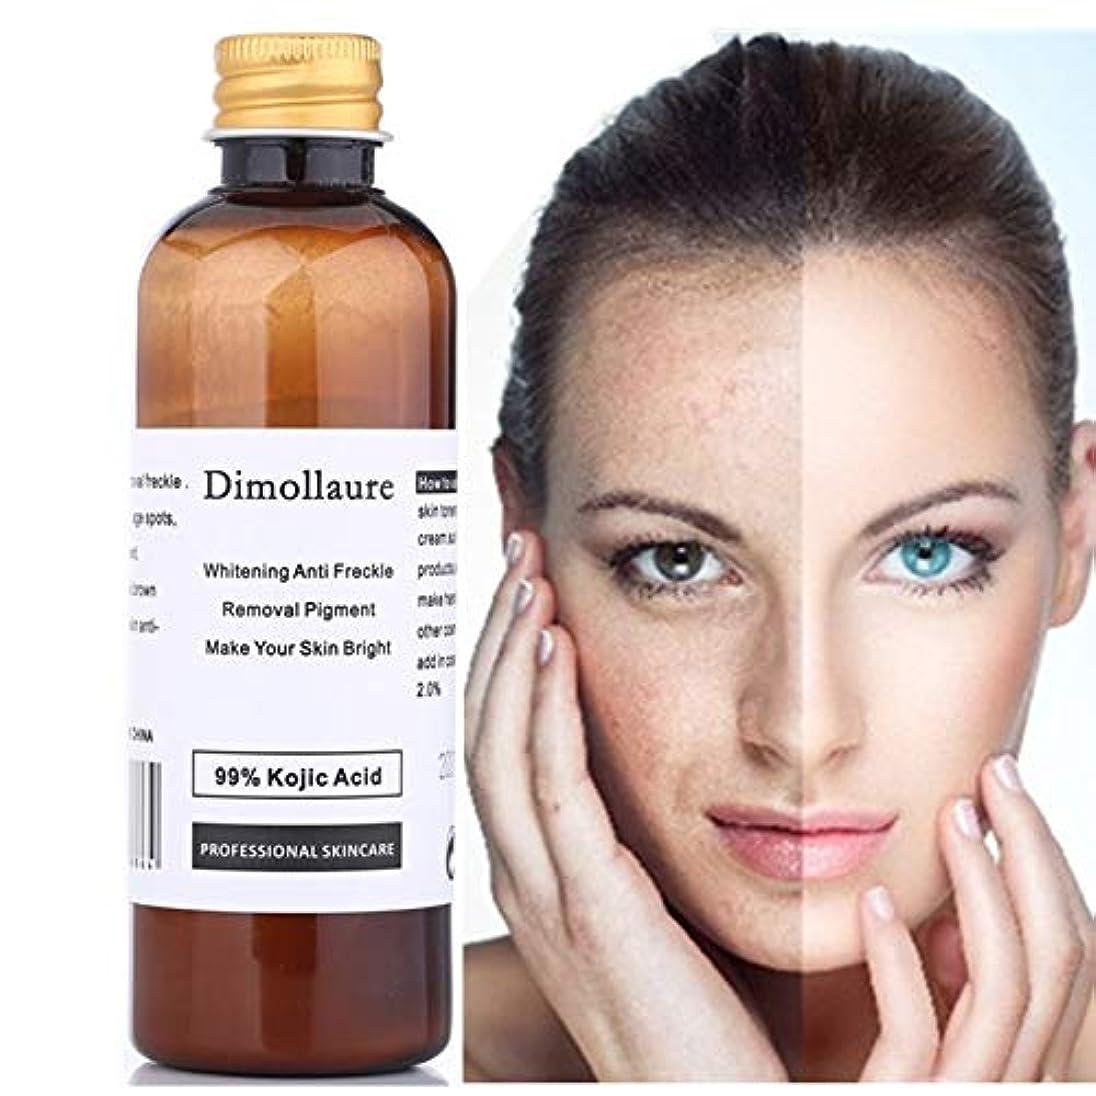 核アーティファクト独立したDimollaureの30グラムの純粋な99%コウジ寧クリームしわの除去そばかす肝斑にきびは、顔料、年齢スポットメラニン日のスポットを傷跡